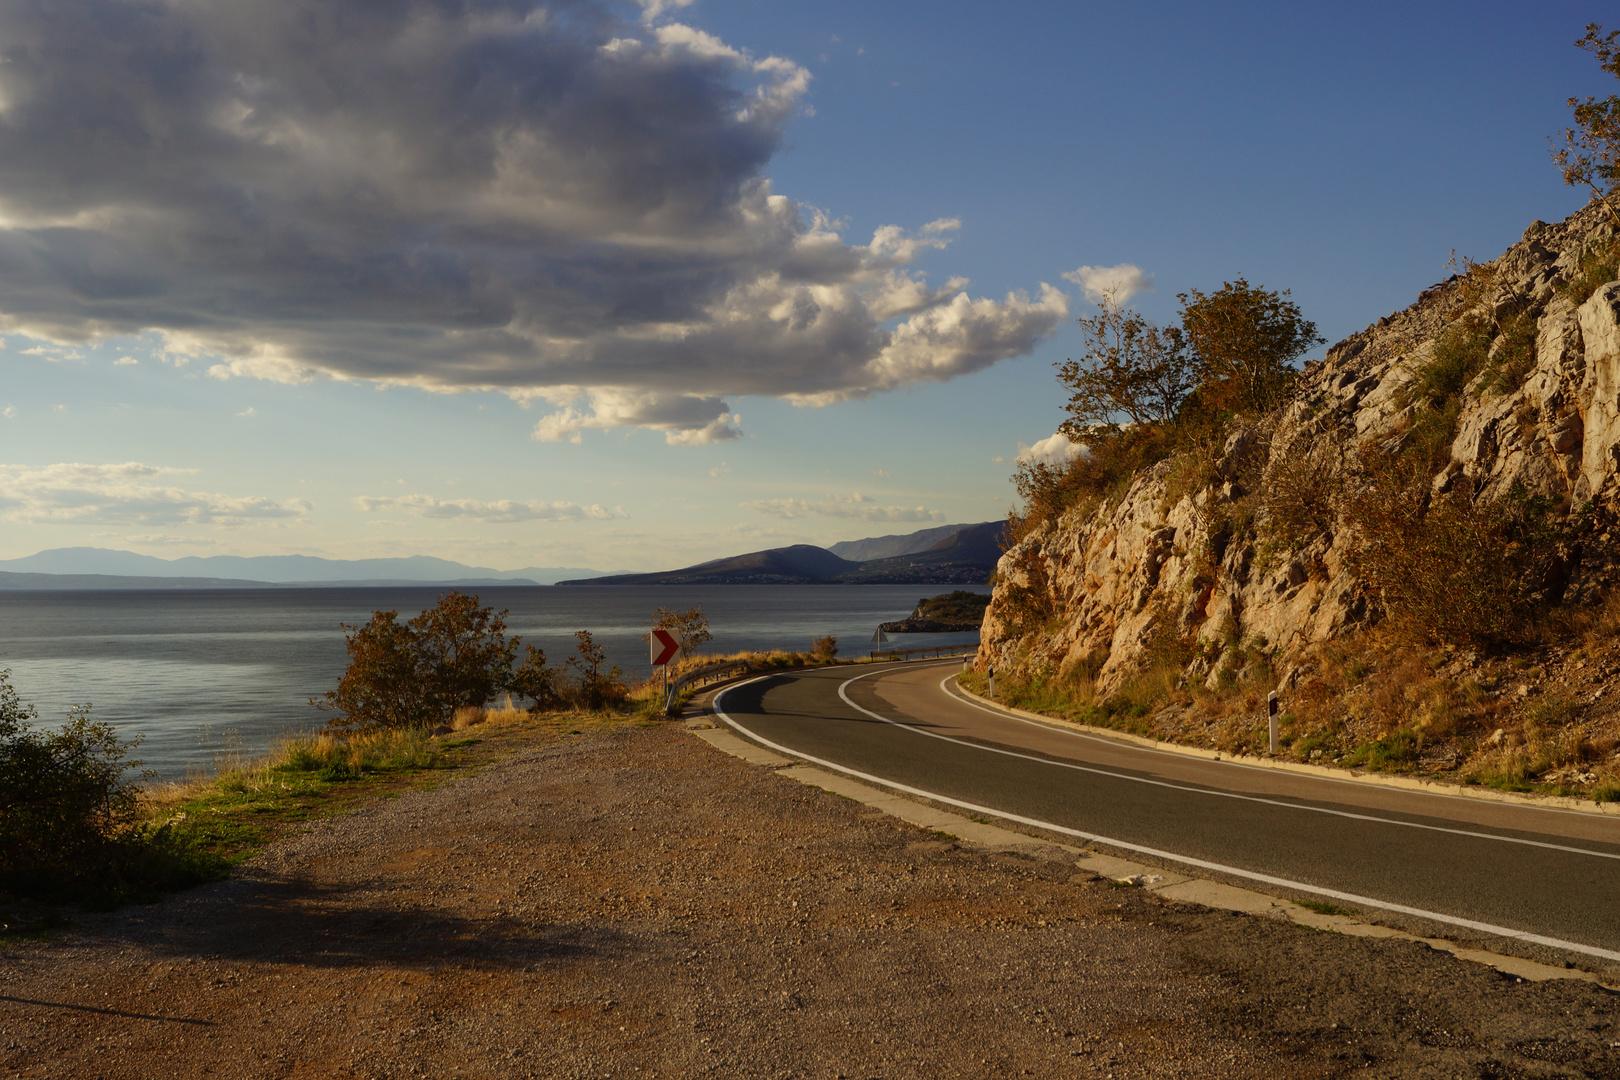 On the Road mit schönen Lichtverhältnissen nähe Klenovica